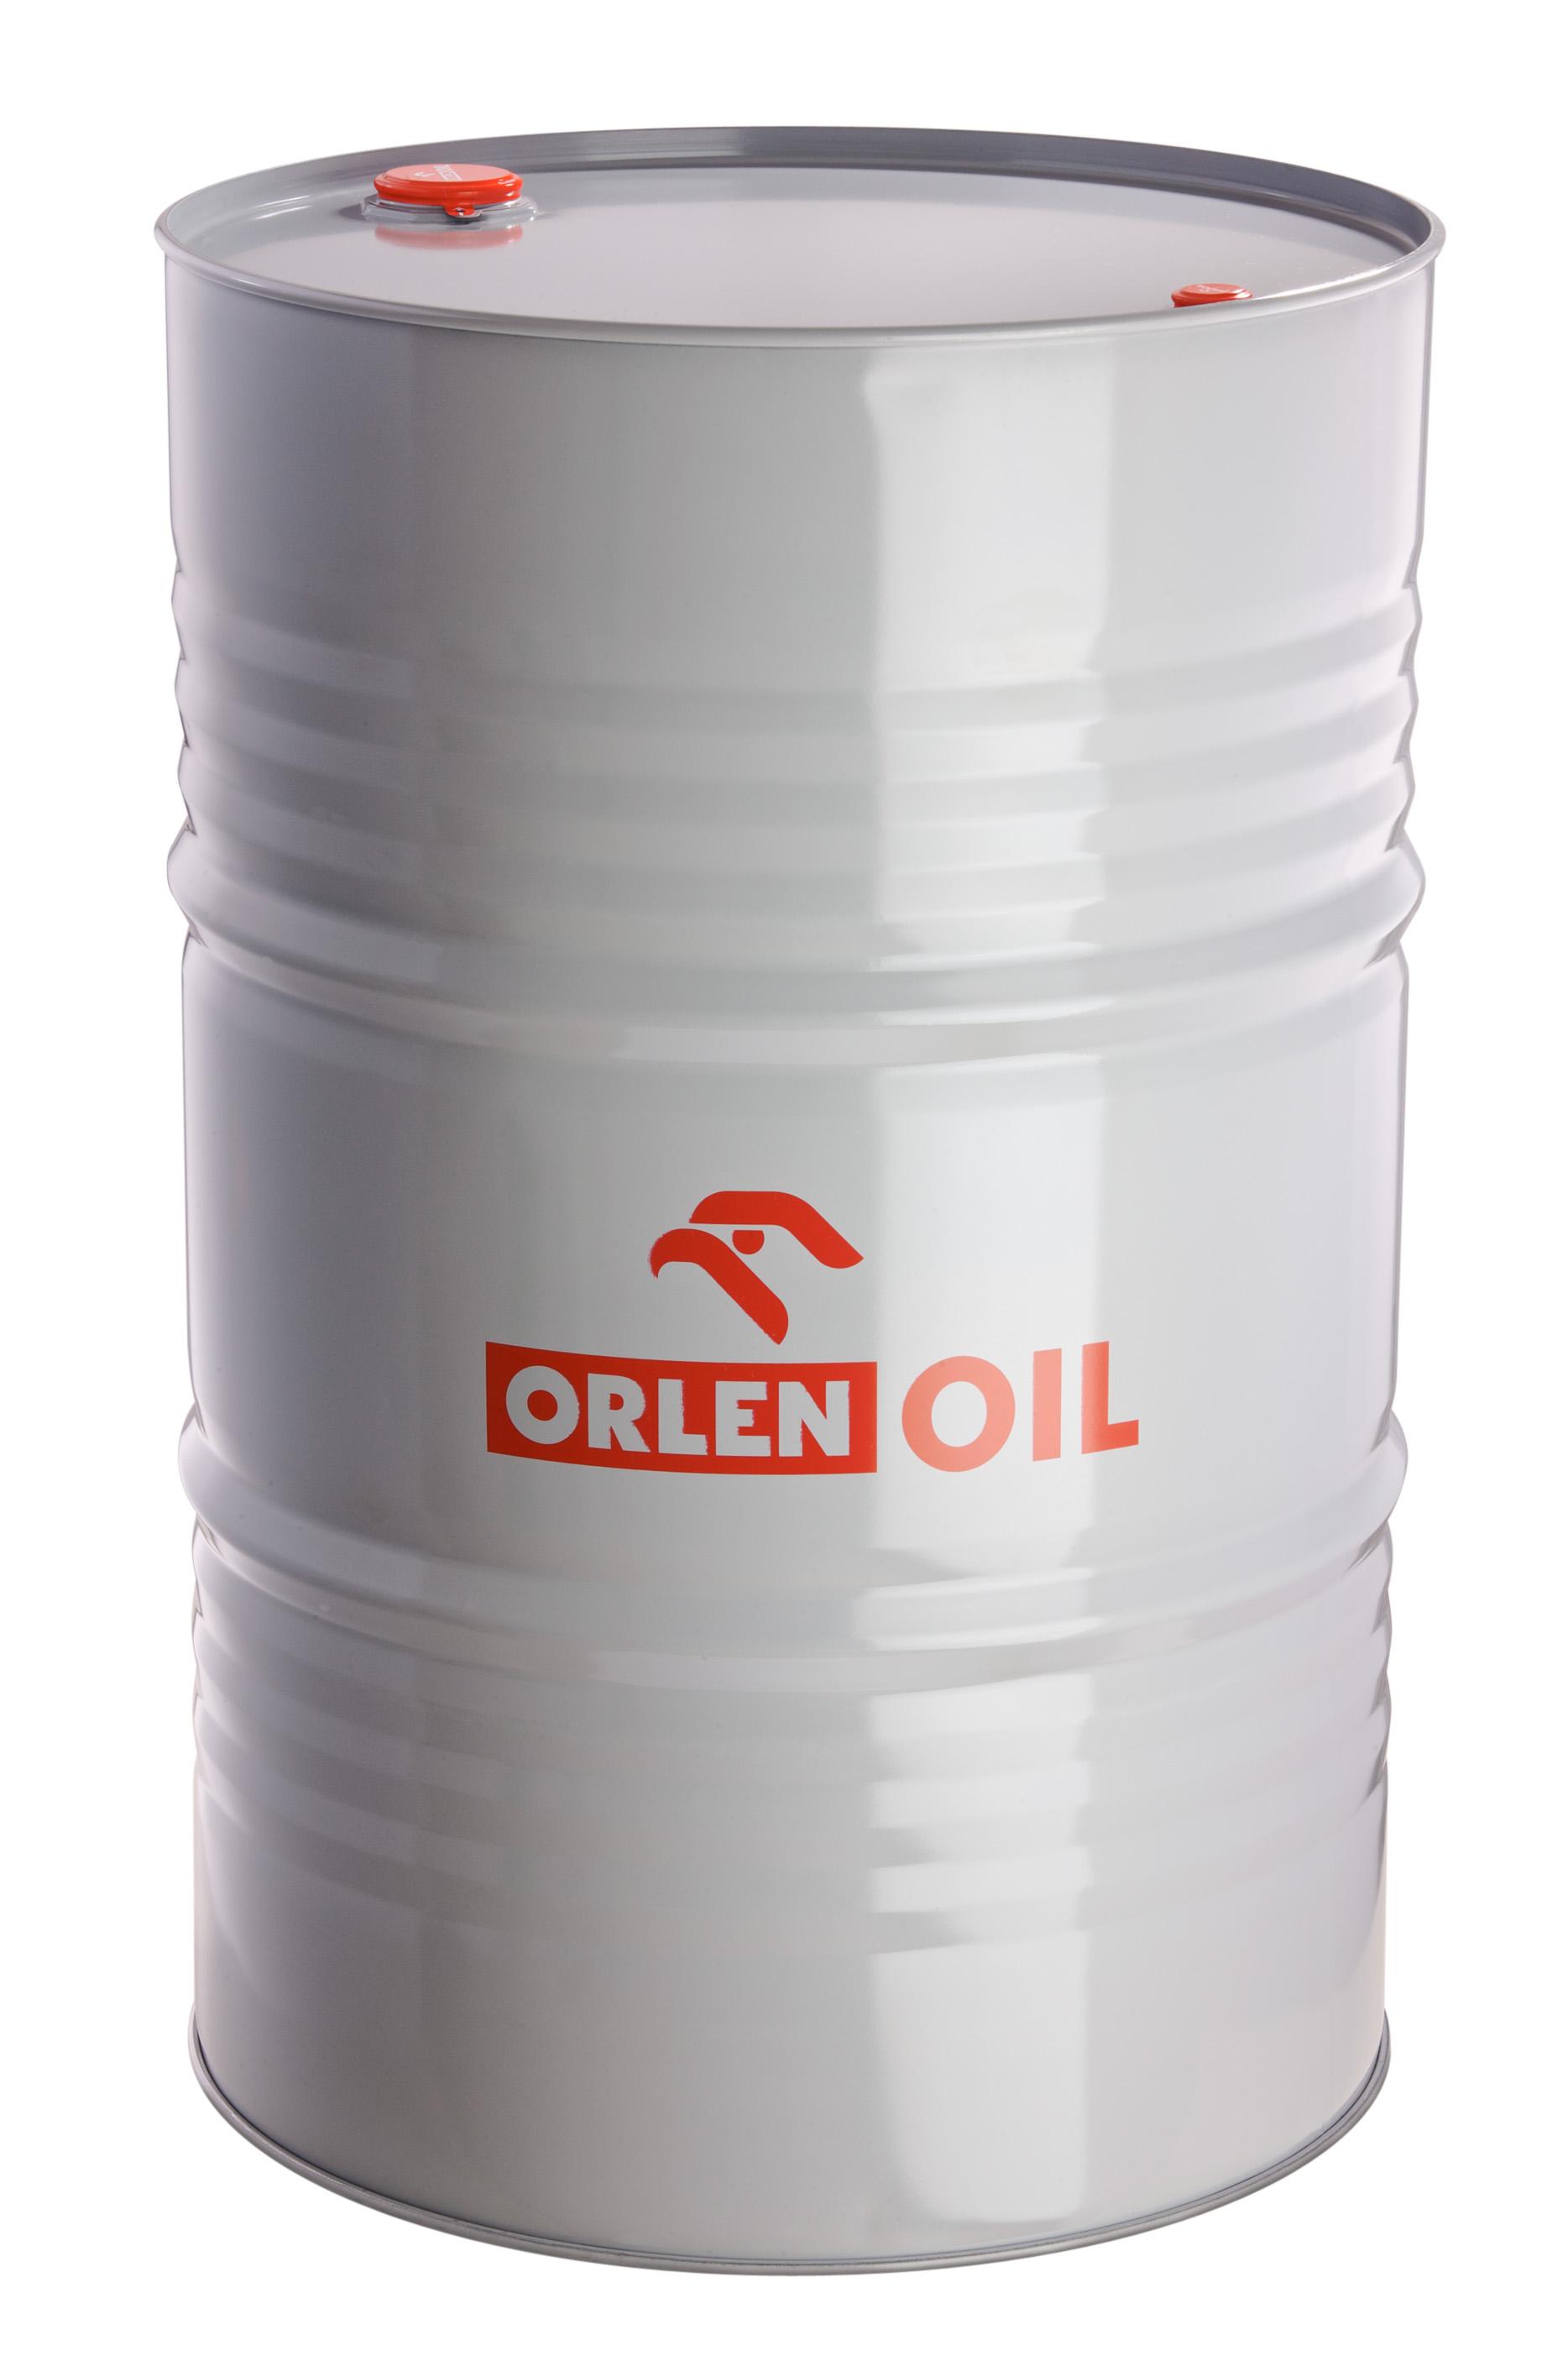 ORLEN OIL ANTYKOL 100 S    BECZKA 205L